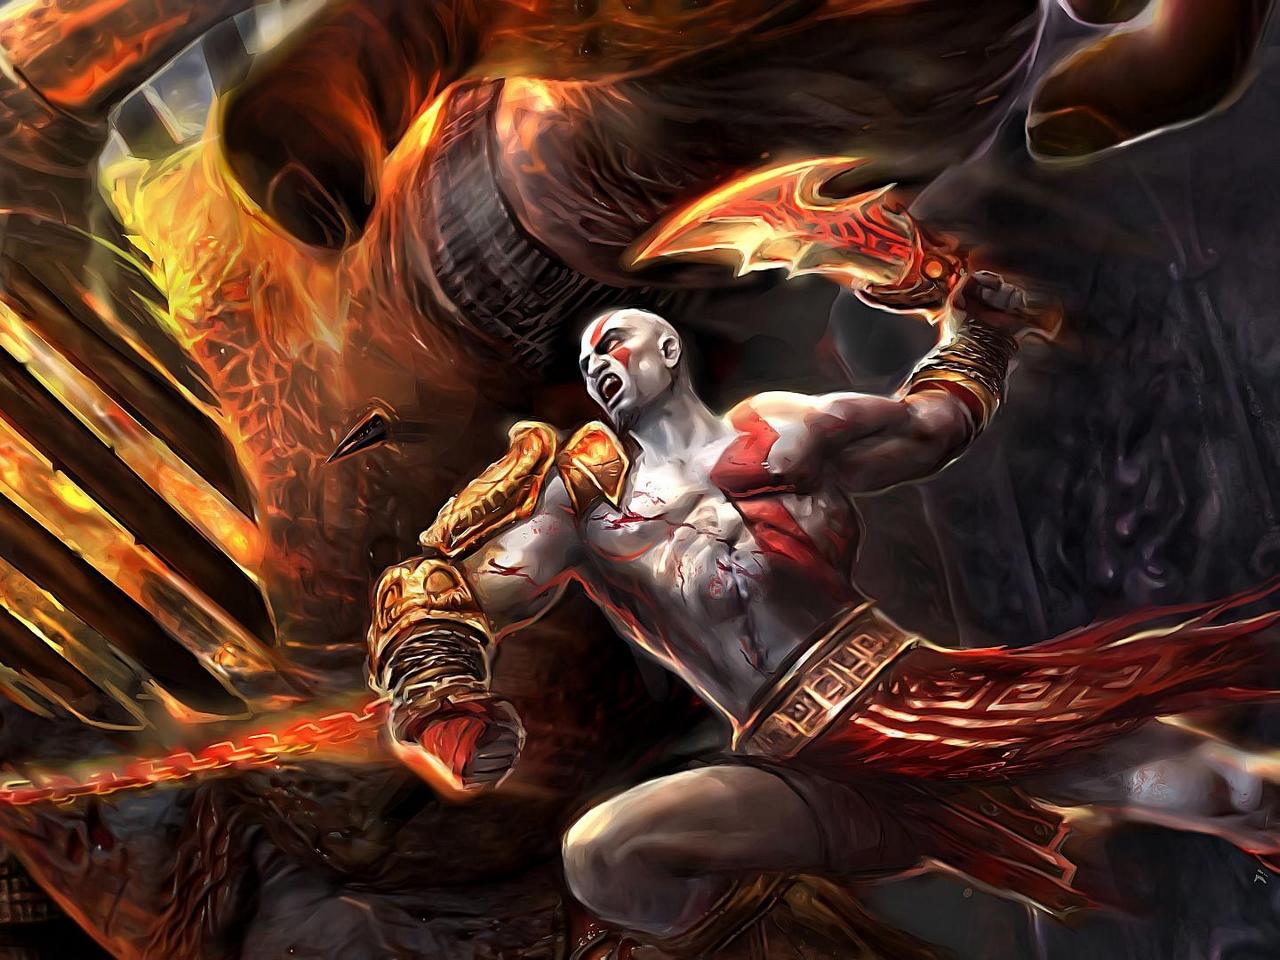 Wallpaper Kratos God Of War 3 Blade Of Shaos God Of War